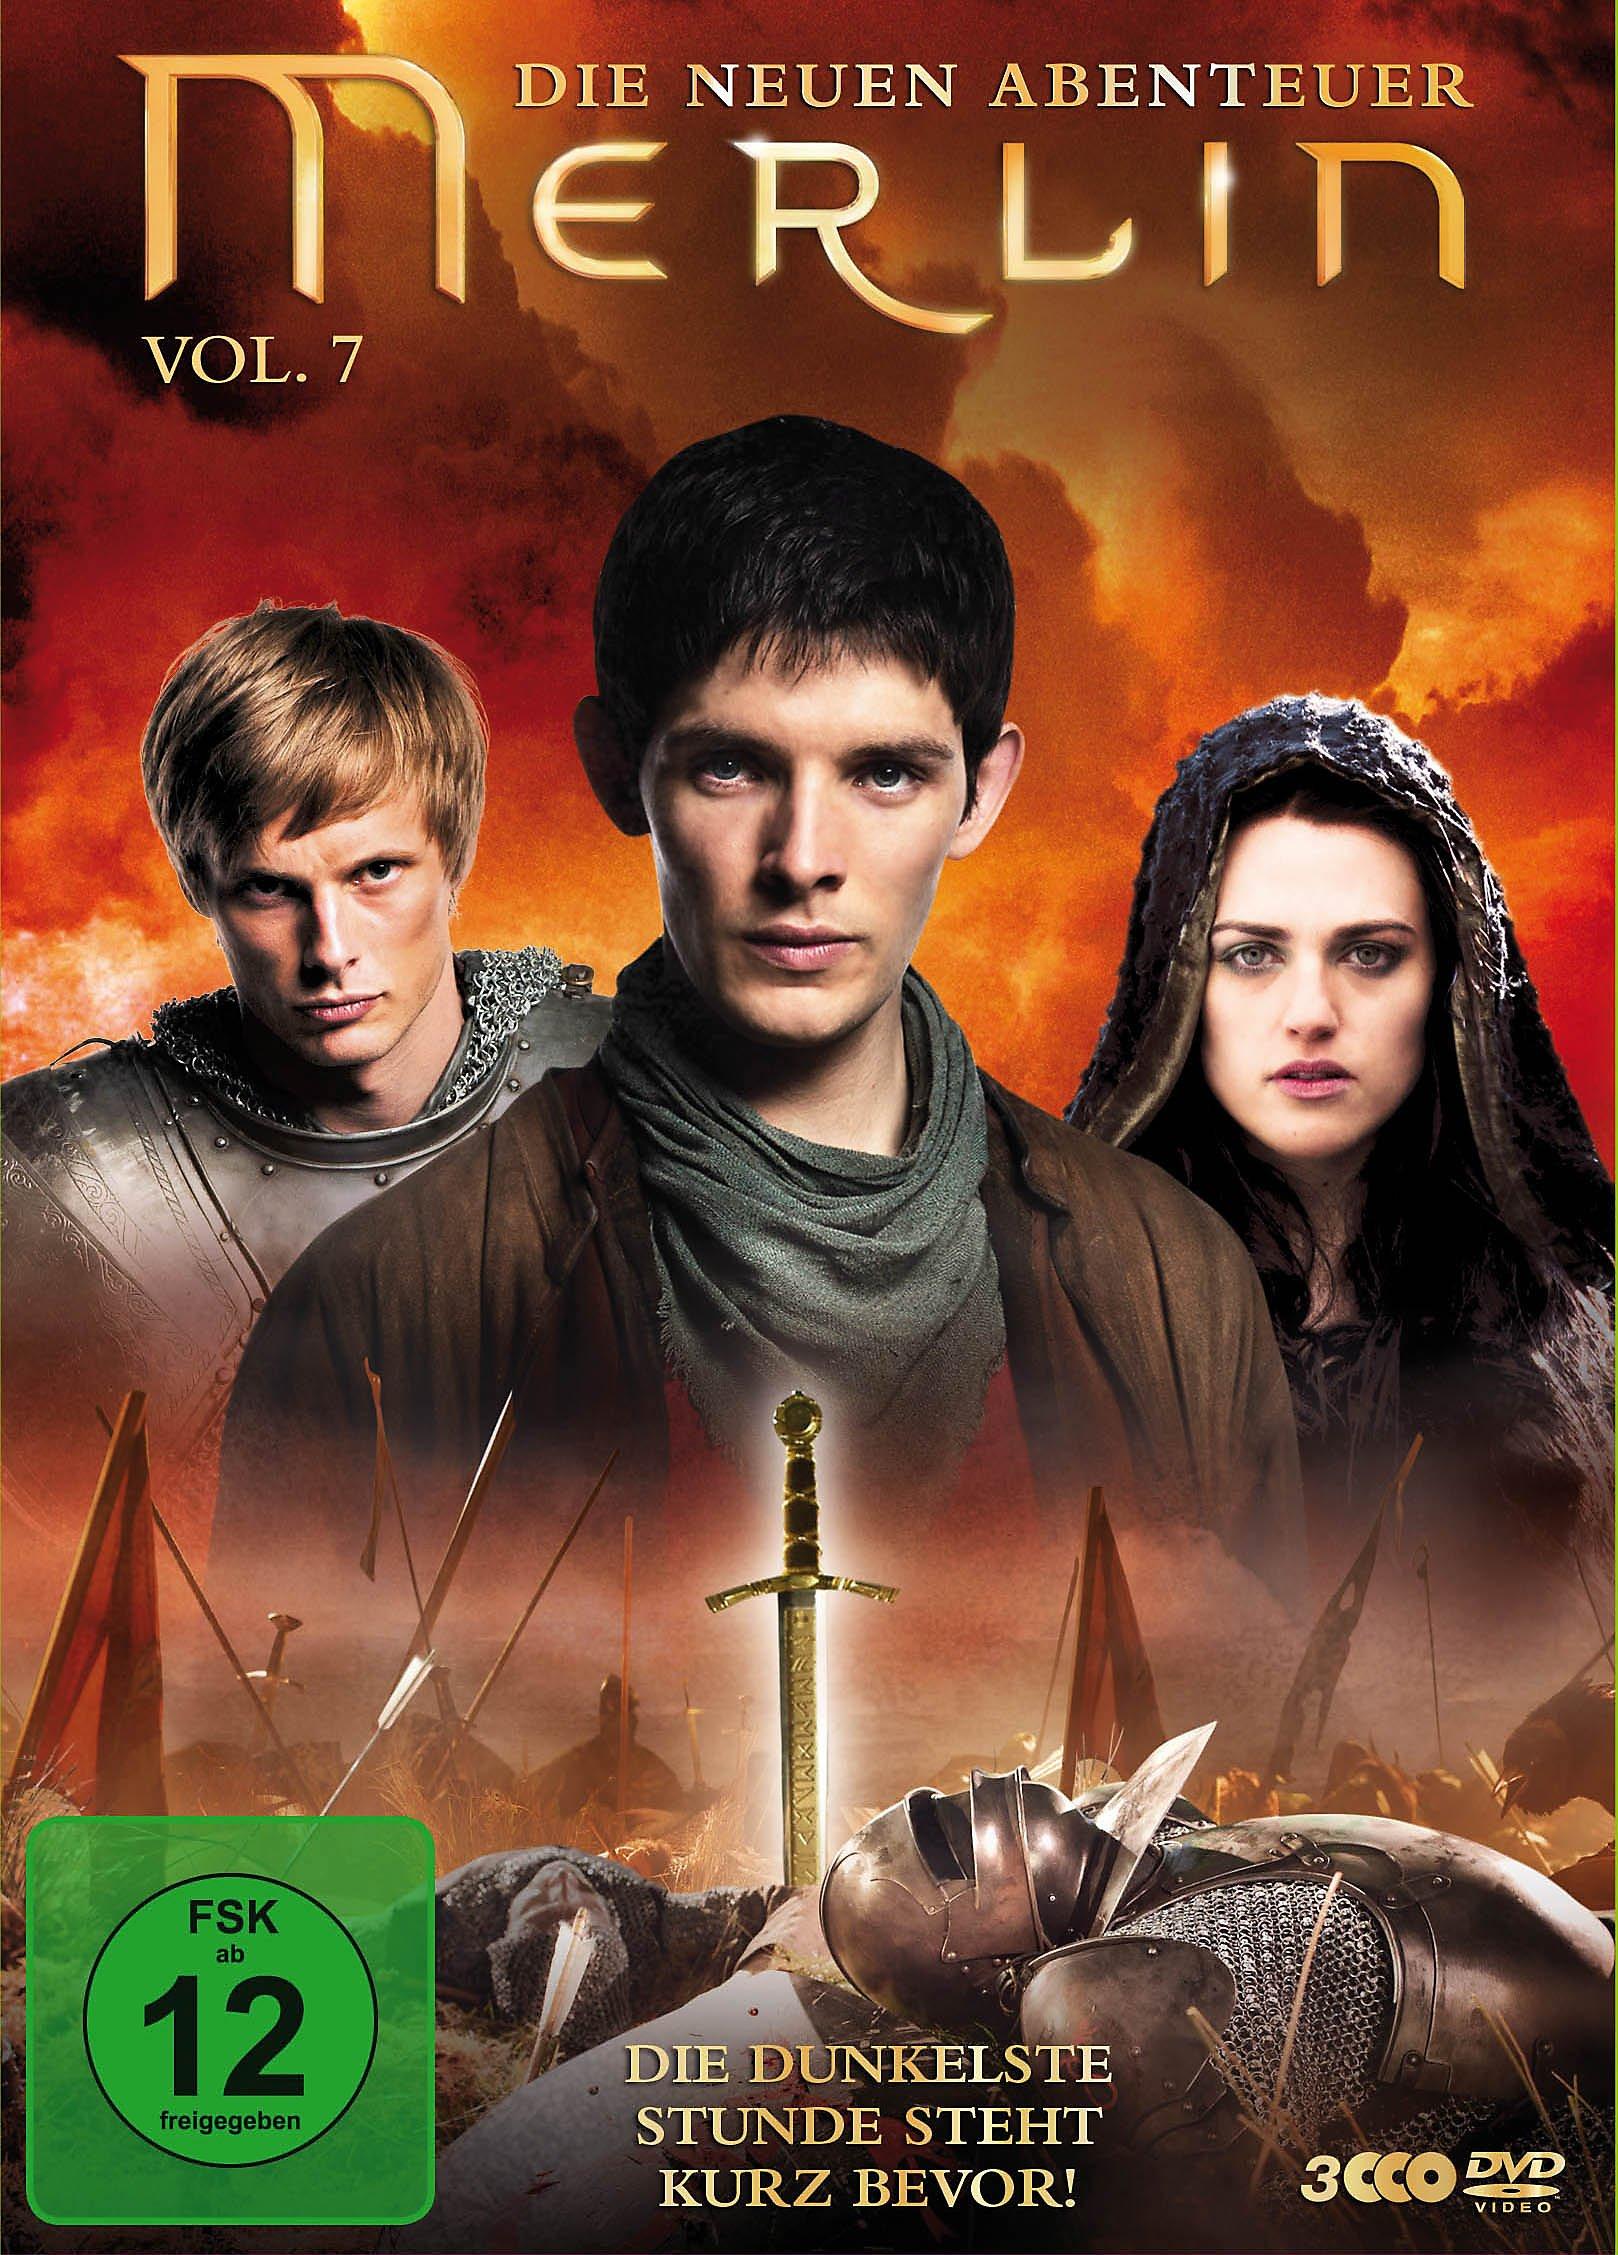 Merlin Die Neuen Abenteuer